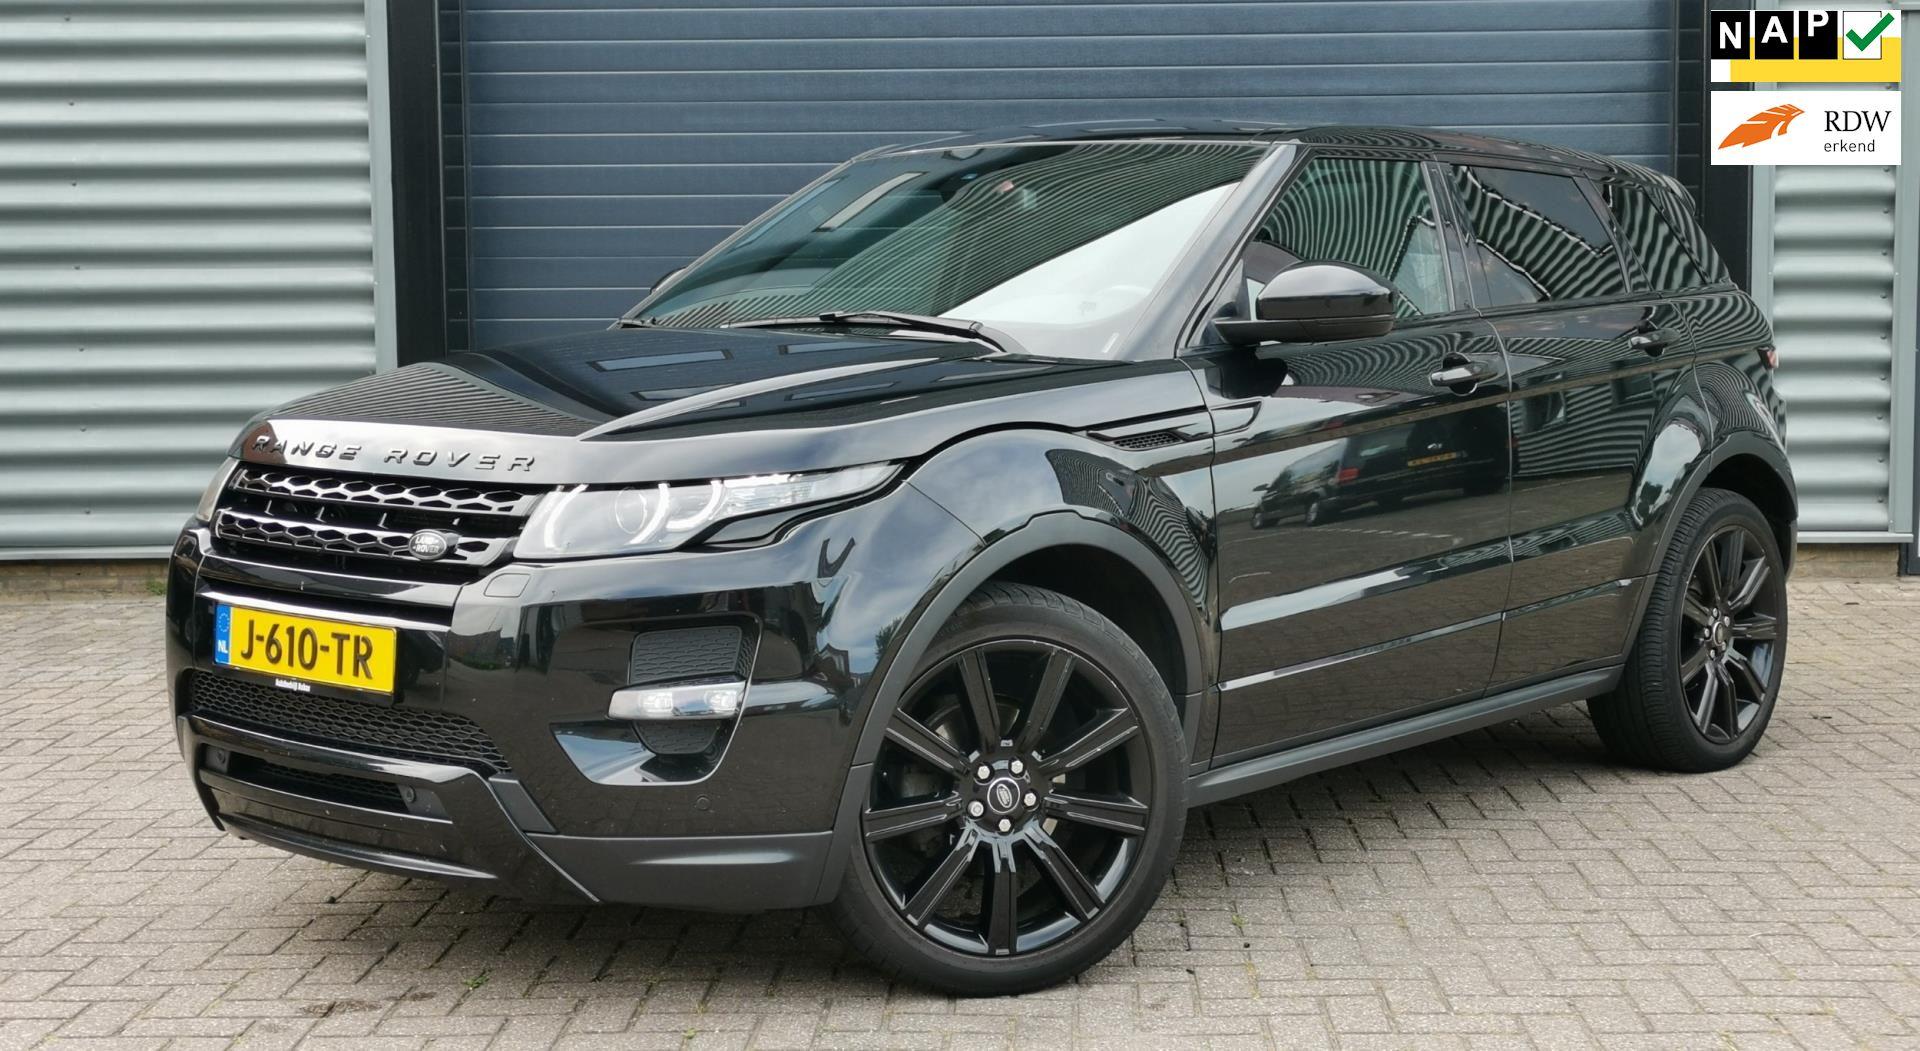 Land Rover Range Rover Evoque occasion - Car Trade Nass